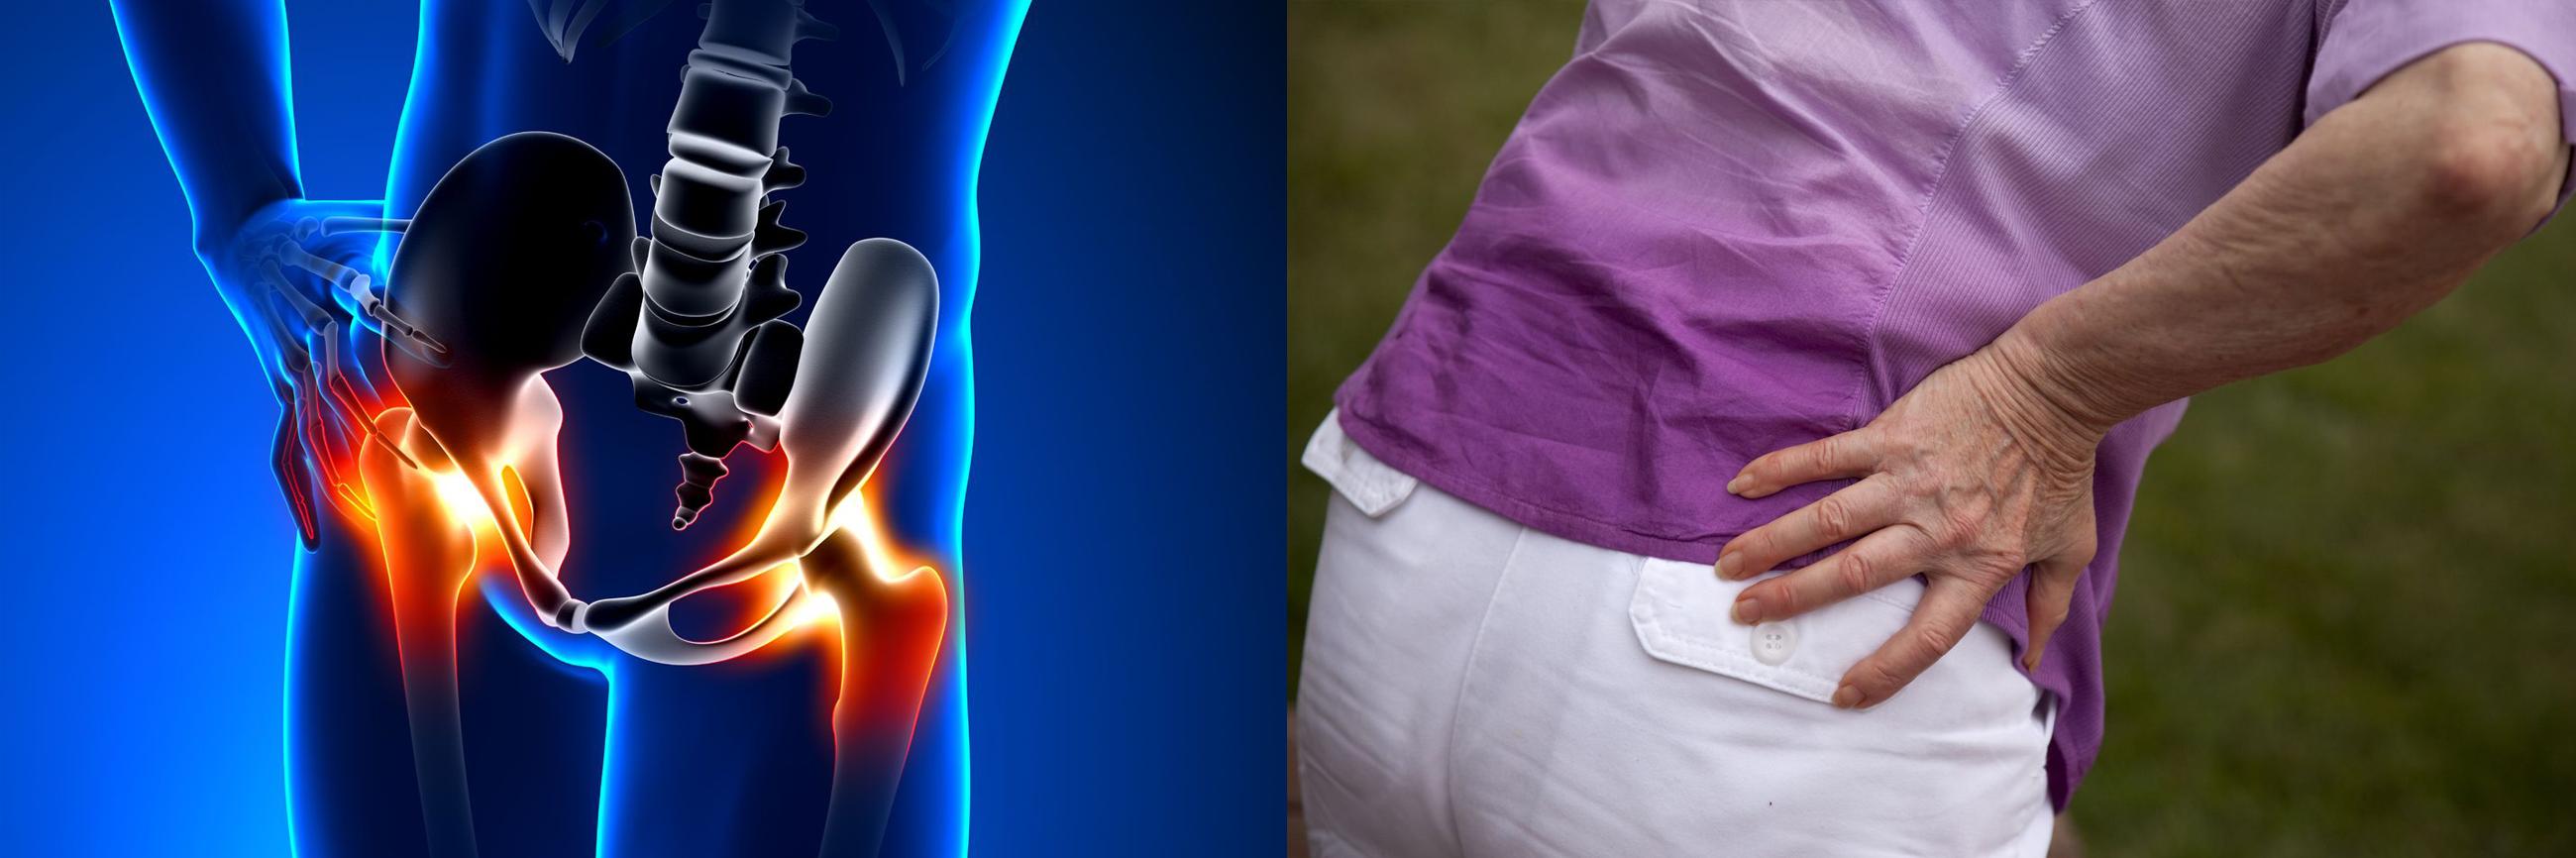 hogyan kell kezelni a csípőreflexeket futás- és térdfájdalom